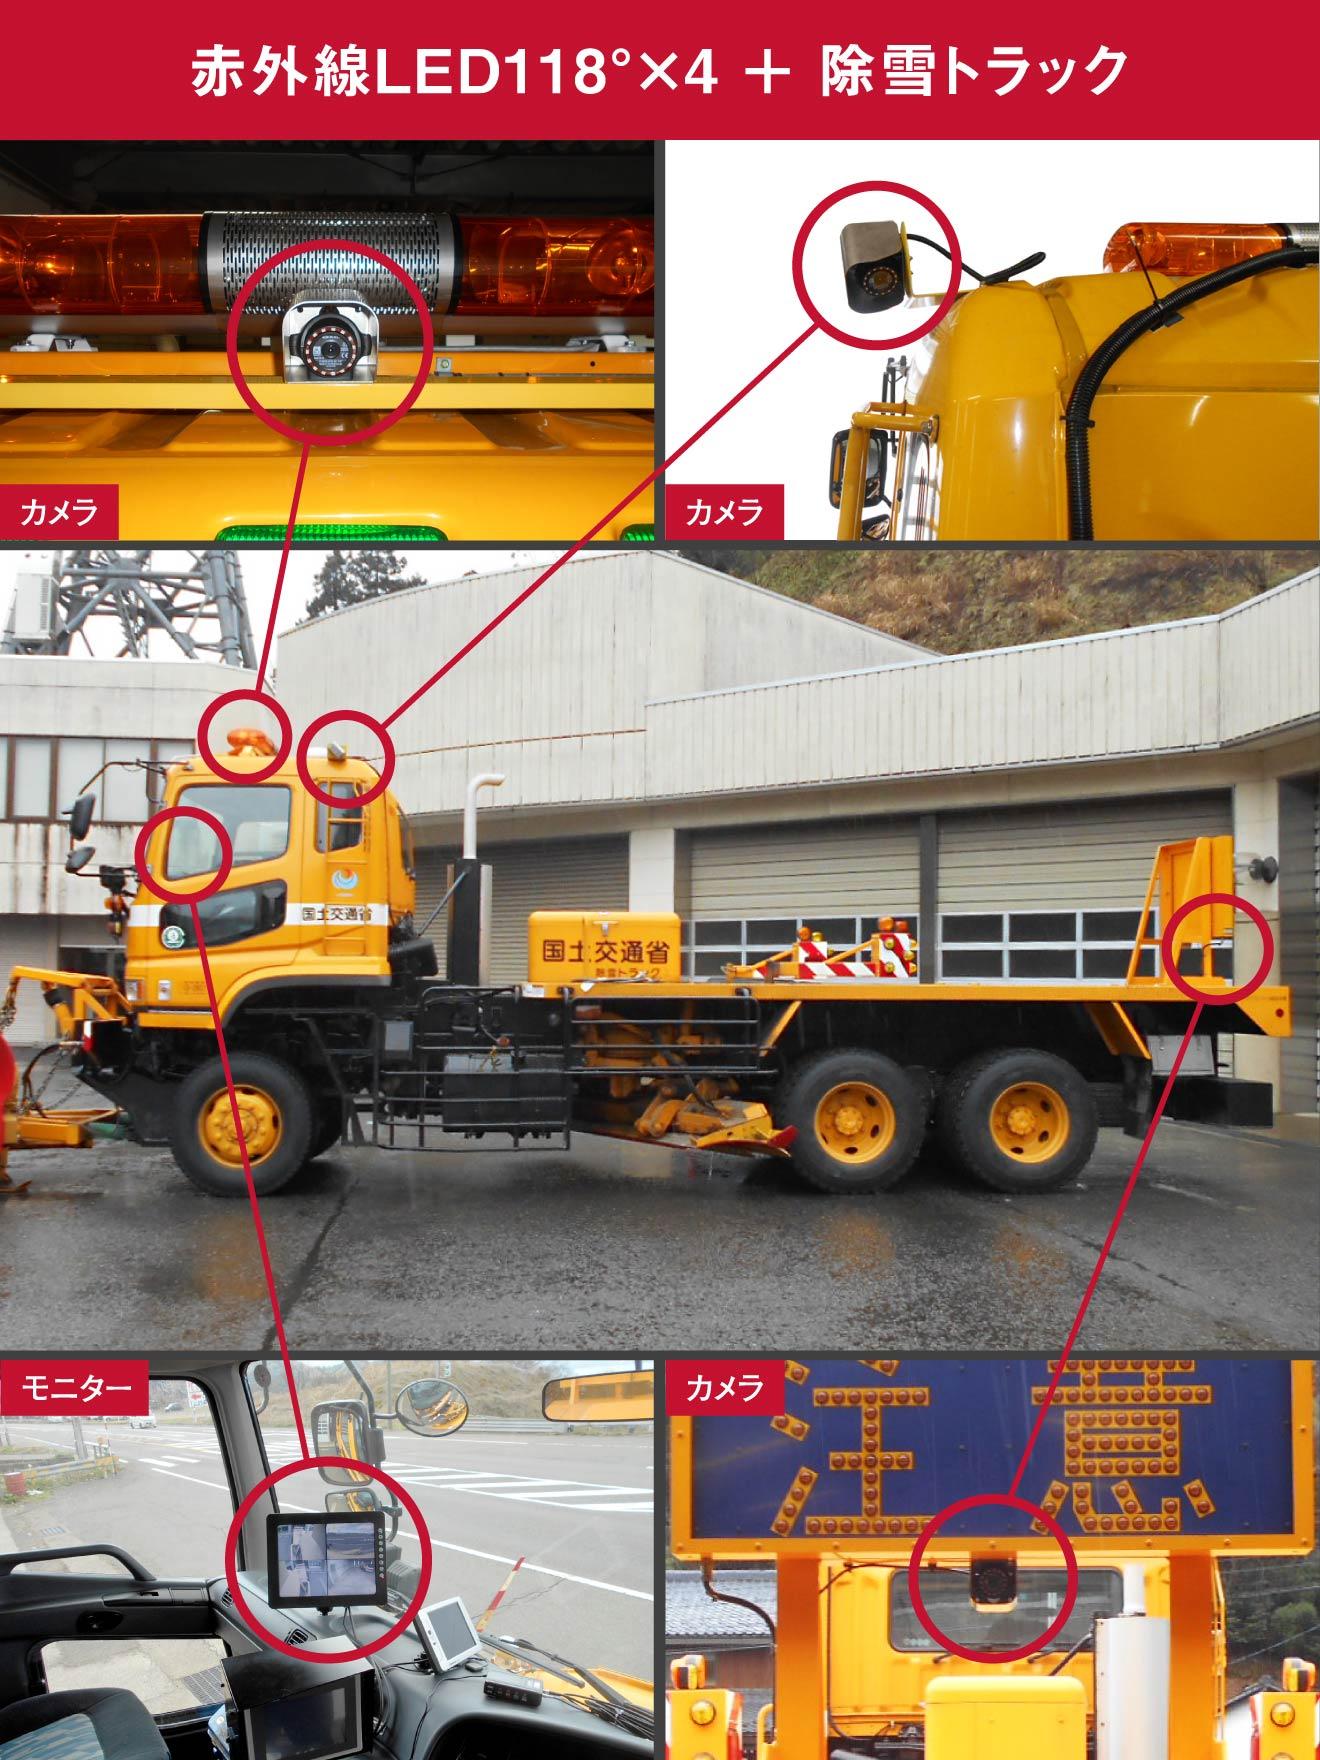 赤外線LED118°×4 + 除雪トラック